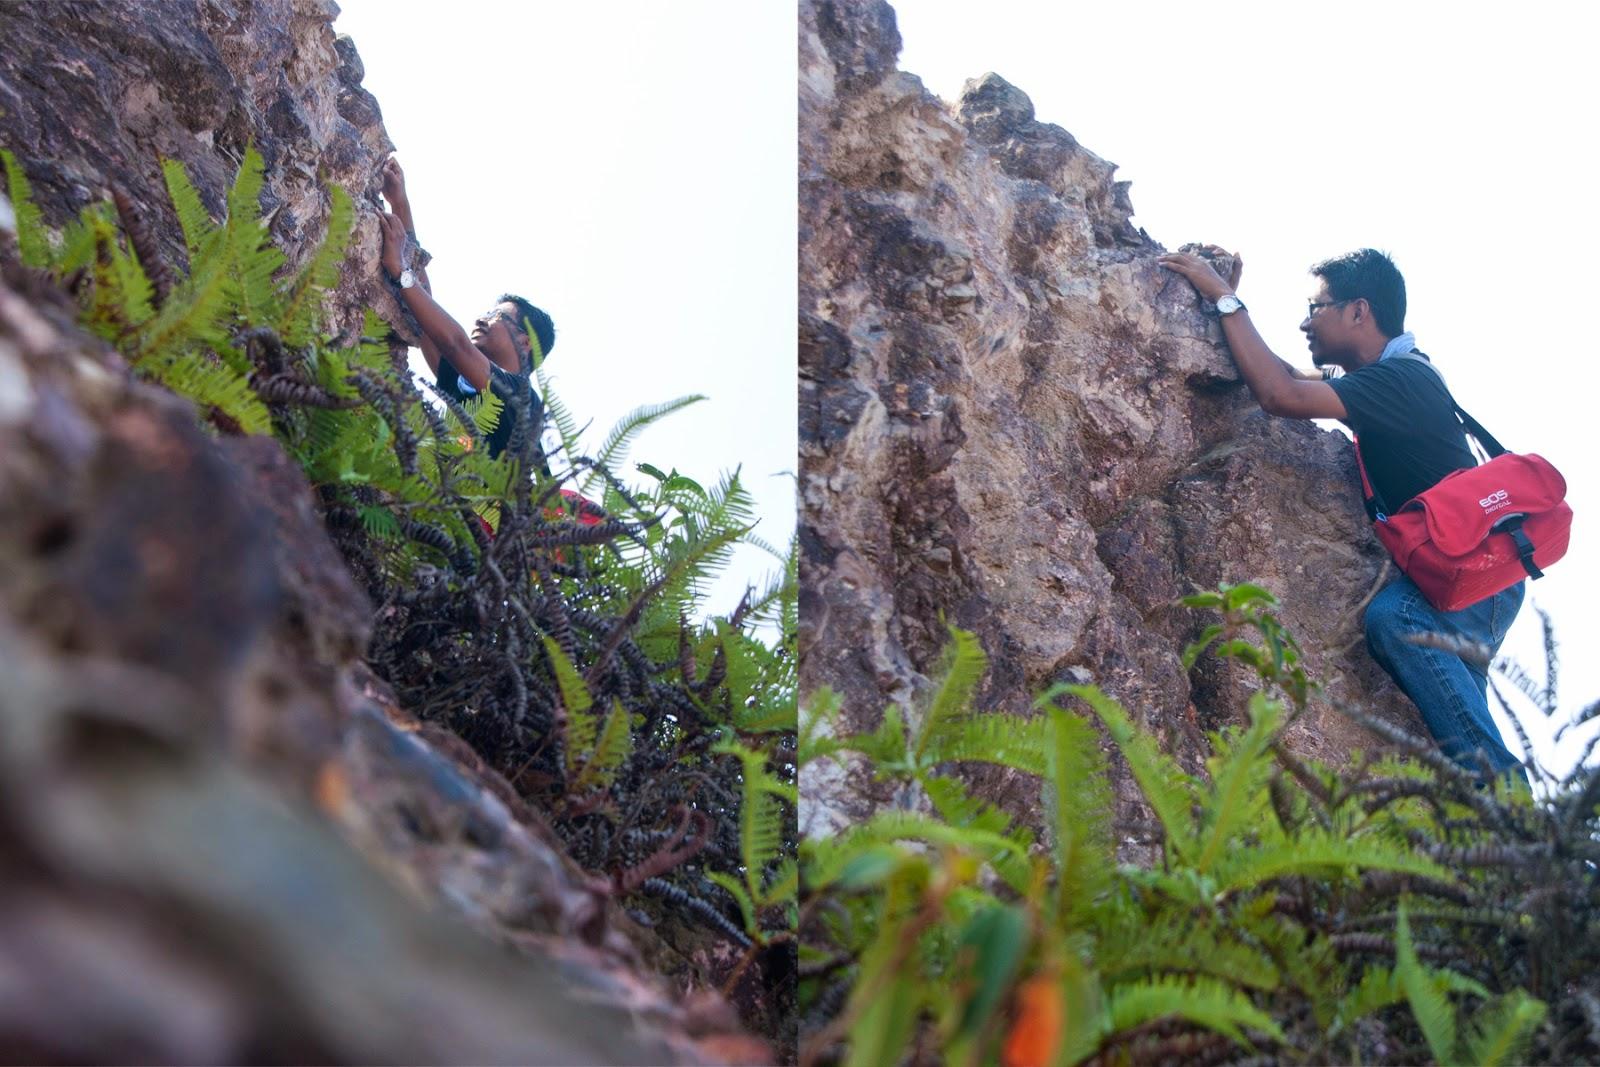 Kesungguhan, panjat bukit, hiking, gambar cantik, arzmoha,